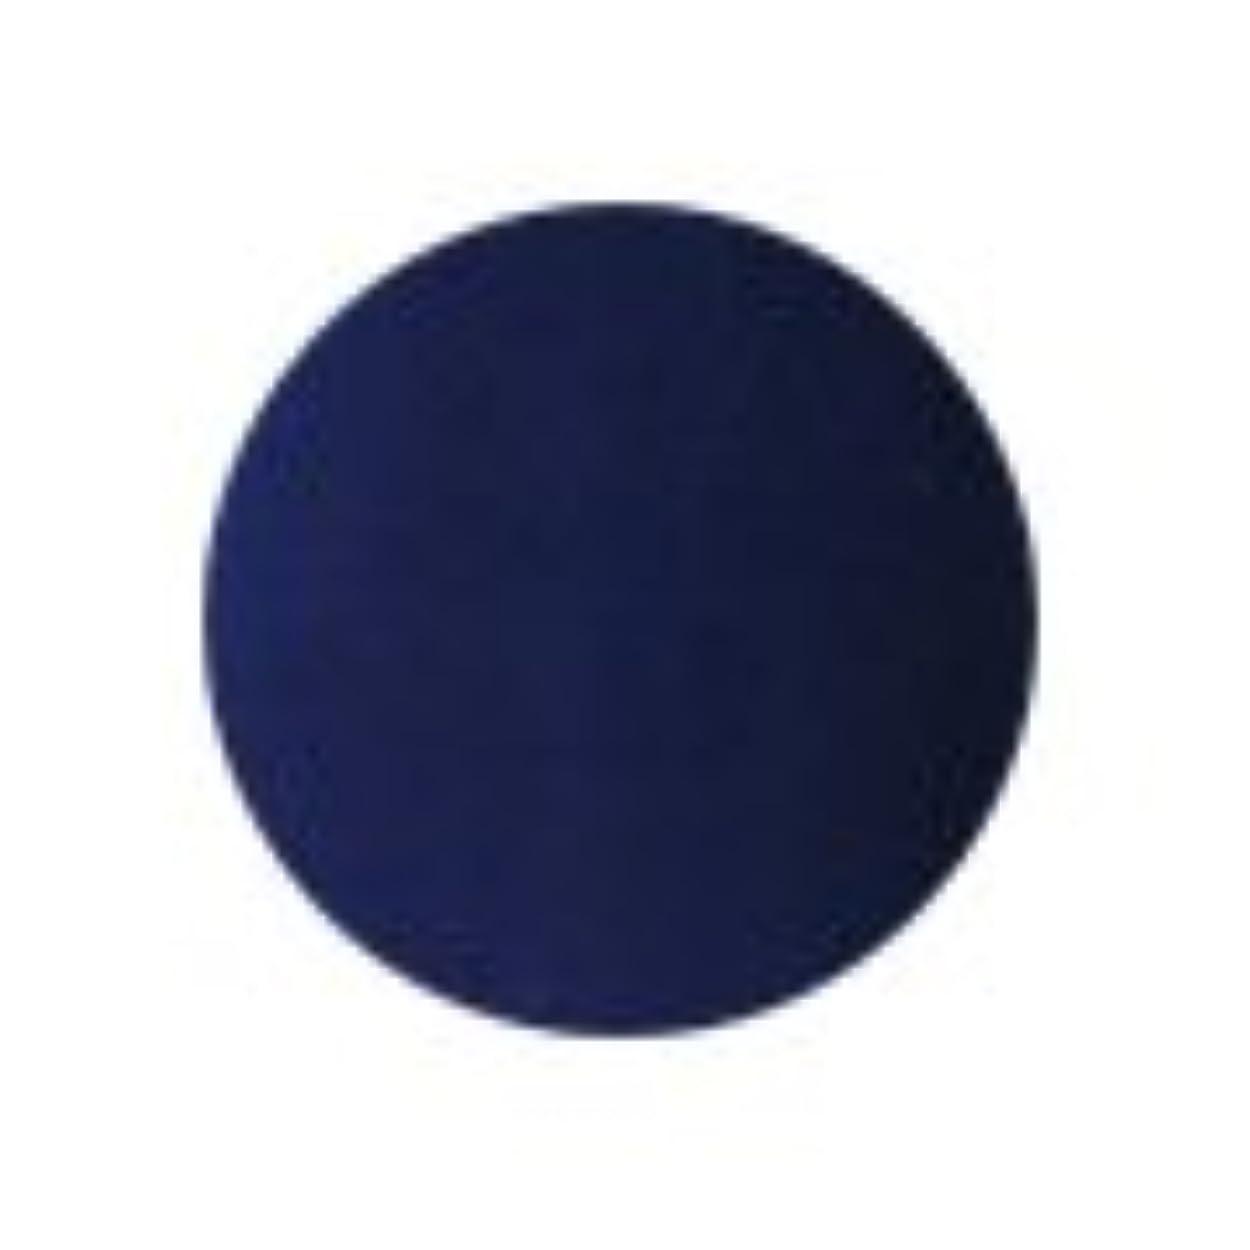 モニター金曜日時間★PREGEL(プリジェル) スーパーカラーEX 4g<BR>PG-SE259 ネイビー